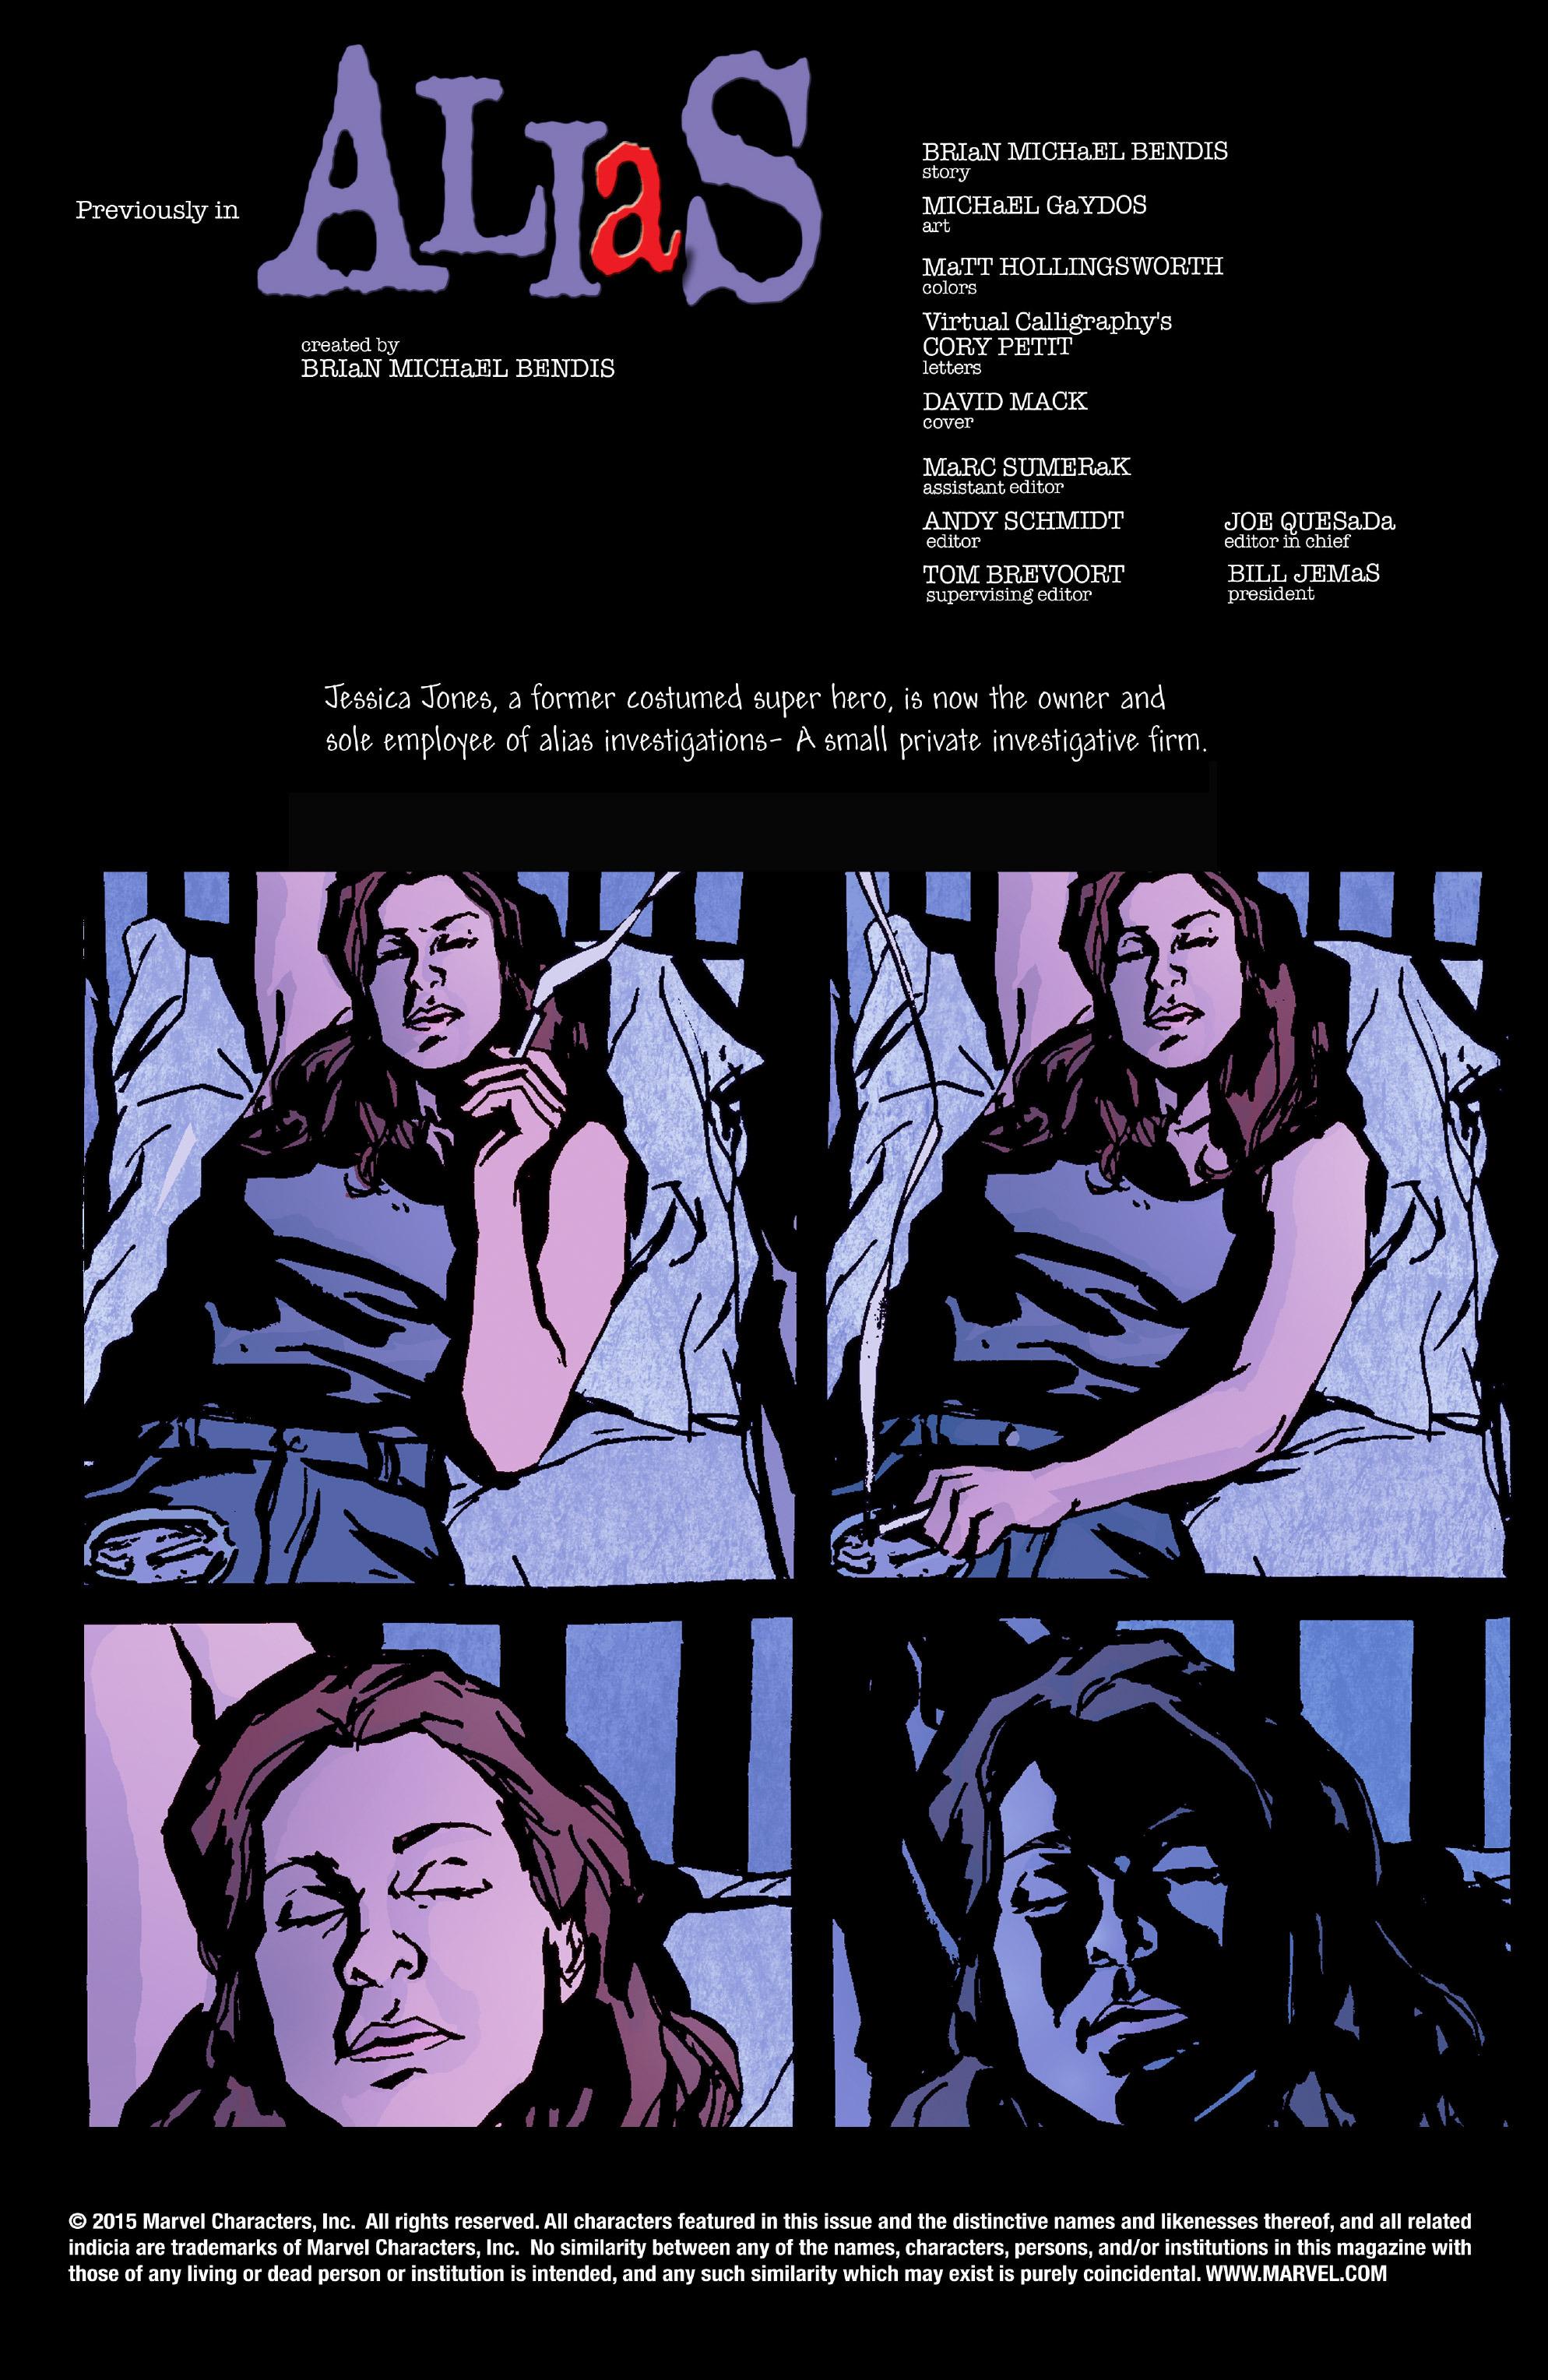 Read online Alias comic -  Issue #27 - 2